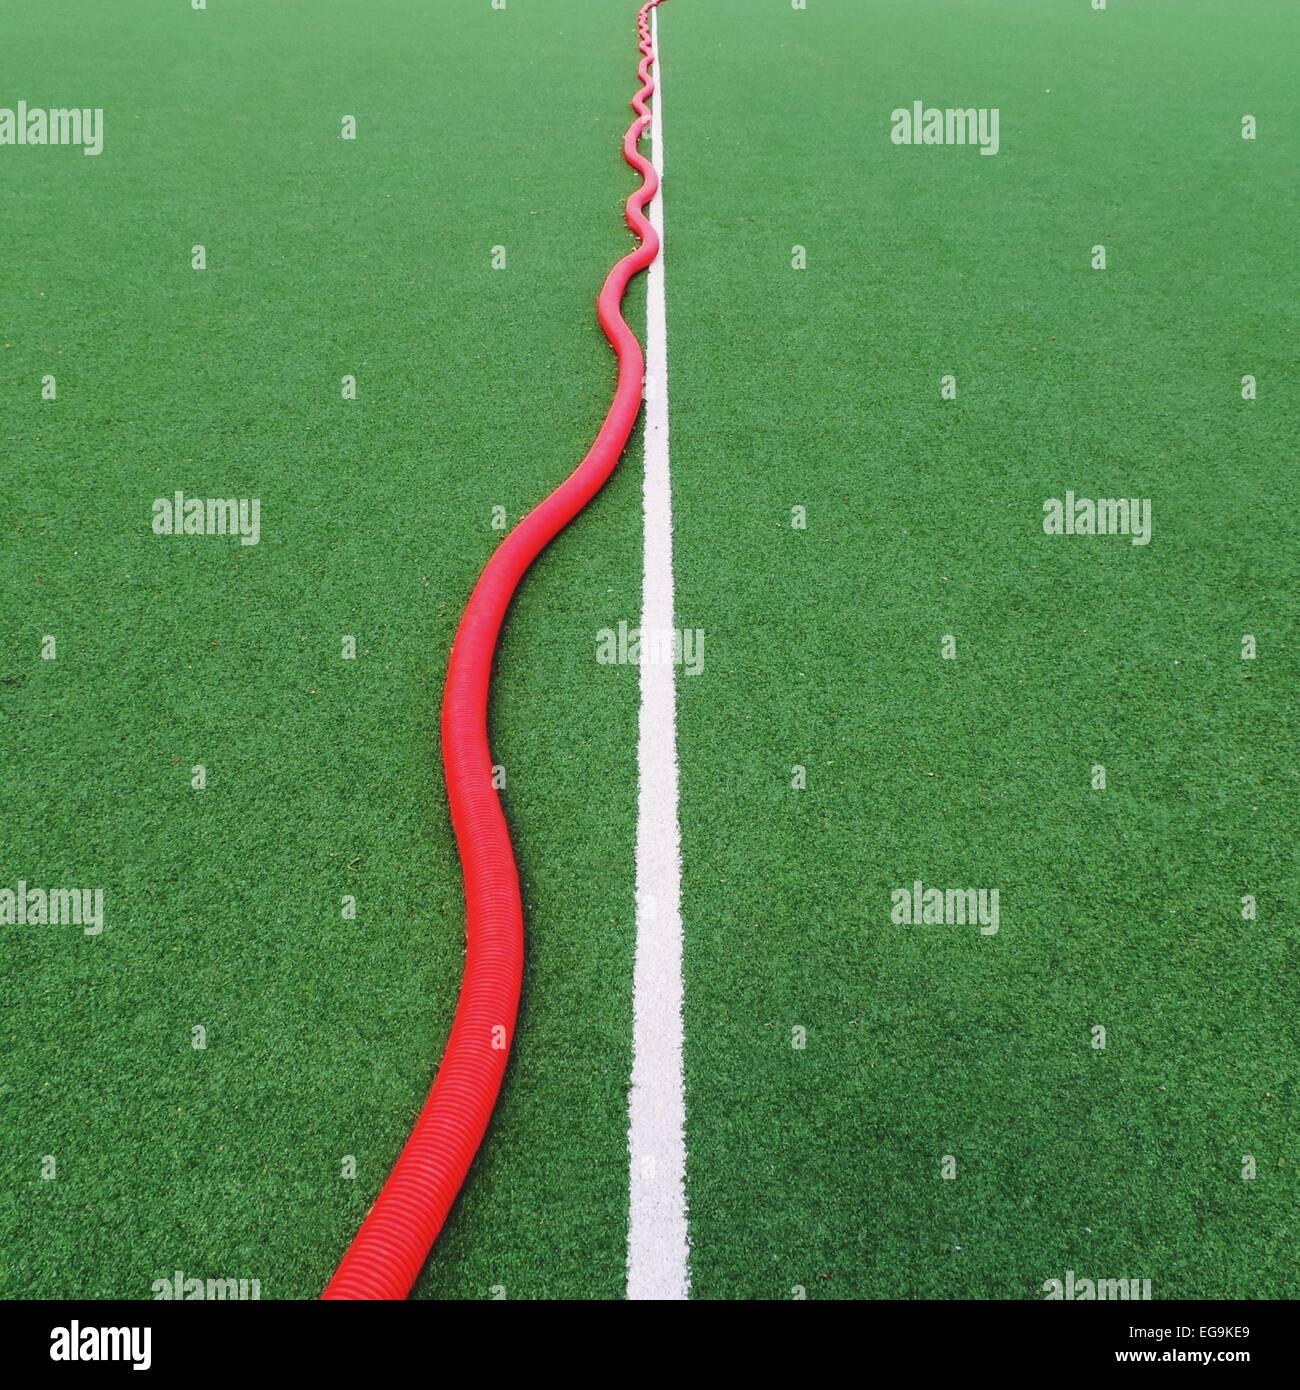 Sola línea blanca sobre el verde campo de deportes, y el tubo rojo Imagen De Stock